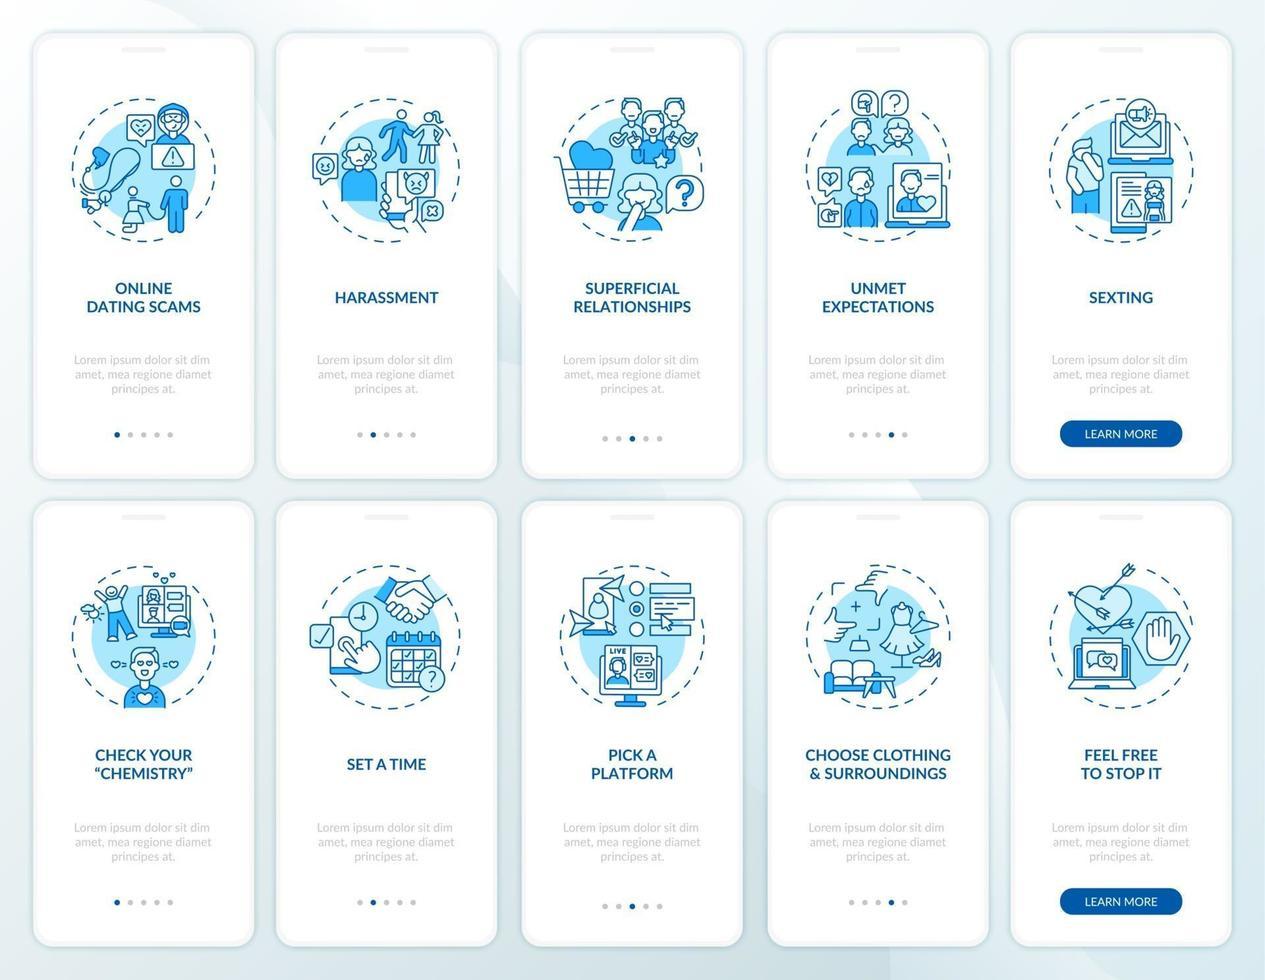 online dating scams onboarding mobiele app pagina scherm met concepten vector